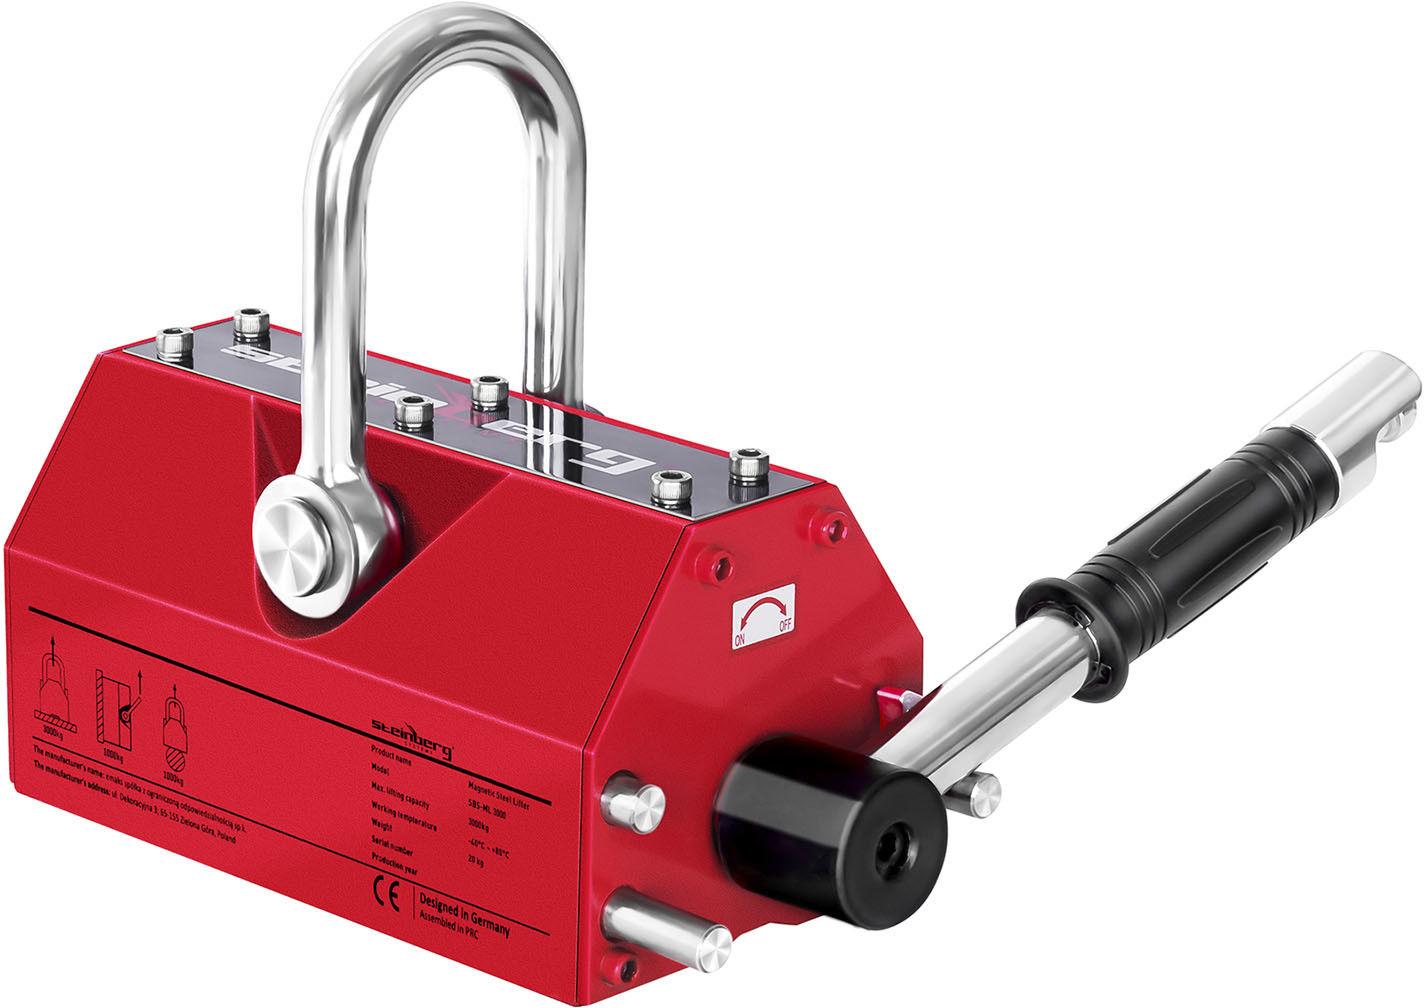 Podnośnik magnetyczny - 3000 kg - Steinberg Systems - SBS-ML 3000 - 3 lata gwarancji/wysyłka w 24h